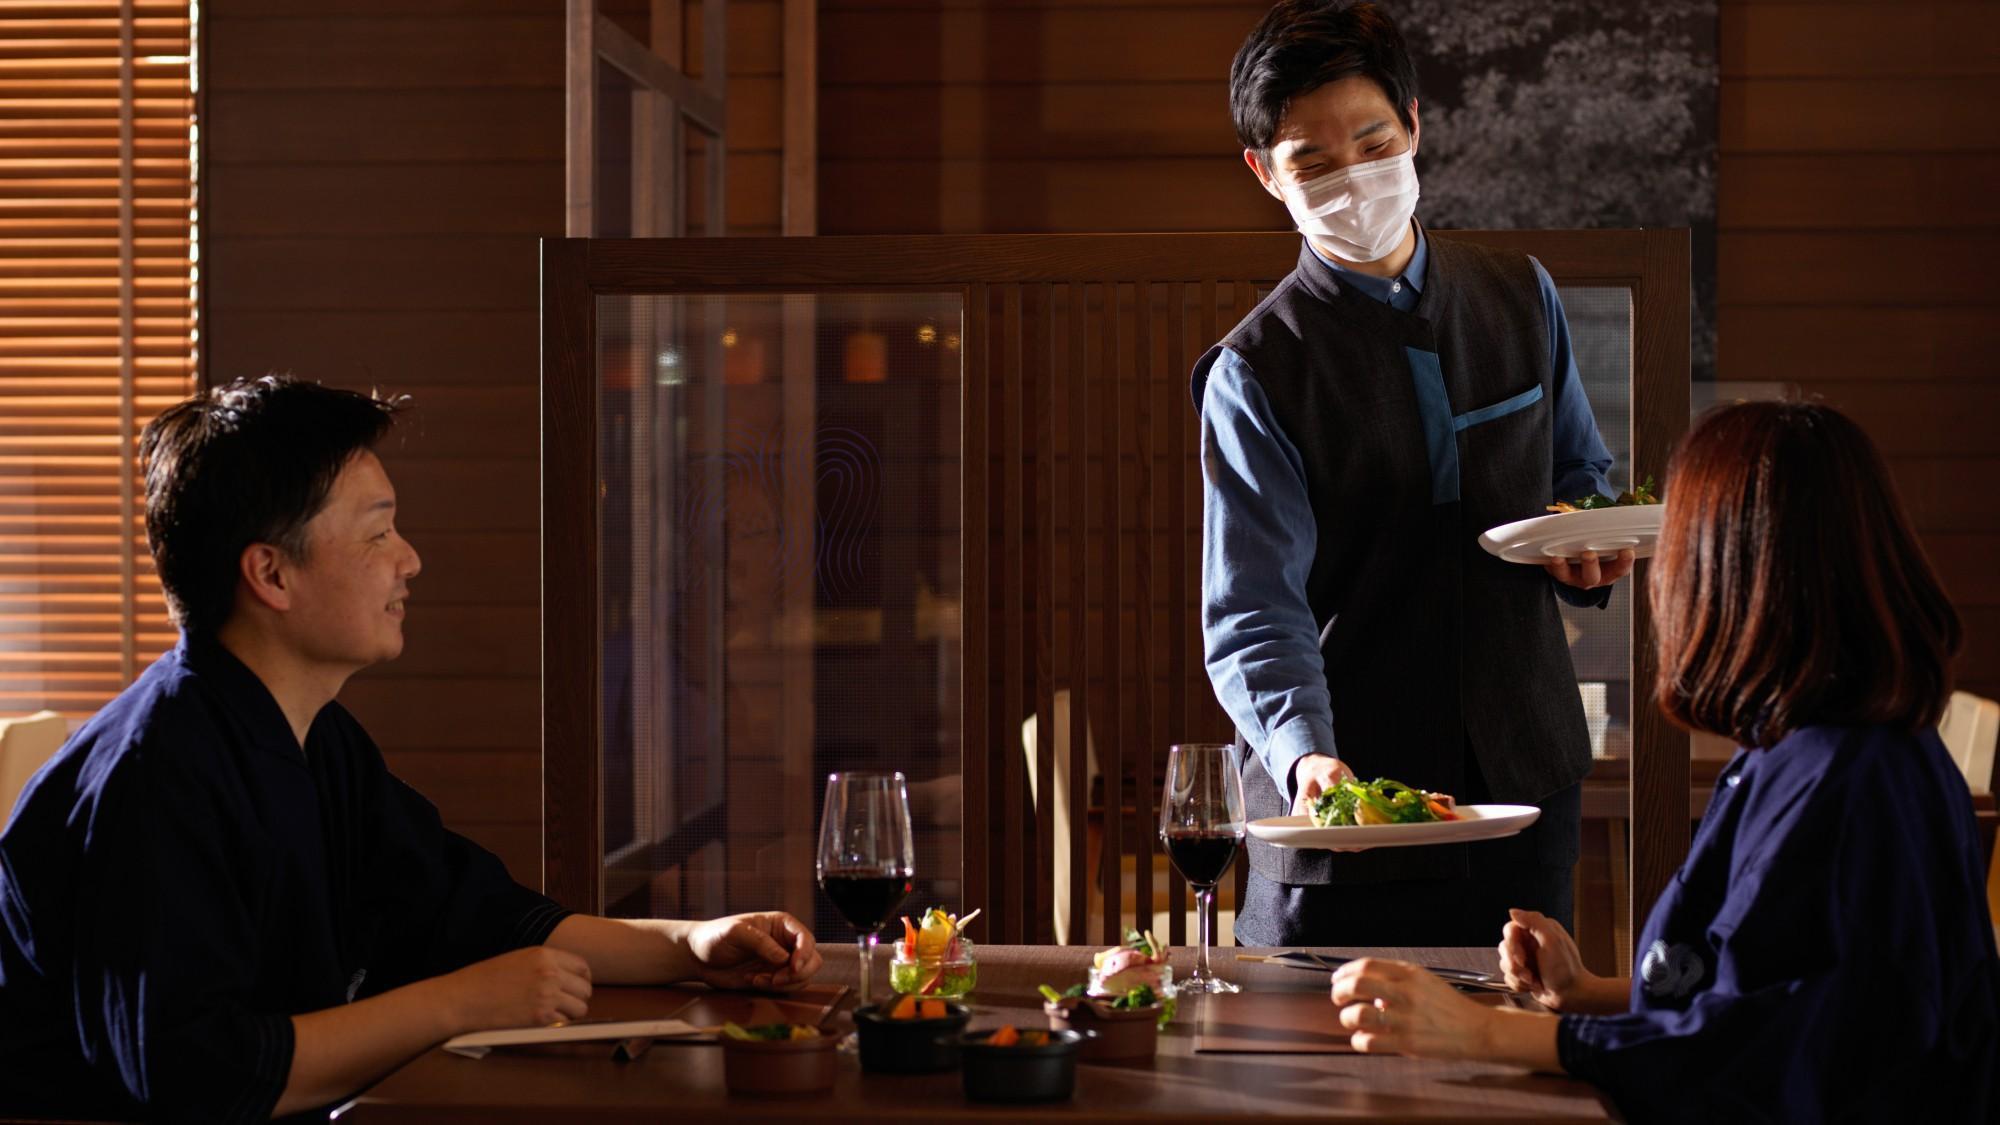 【朝は和定食】朝はゆっくりと料理茶屋で和定食を/ビュッフェ